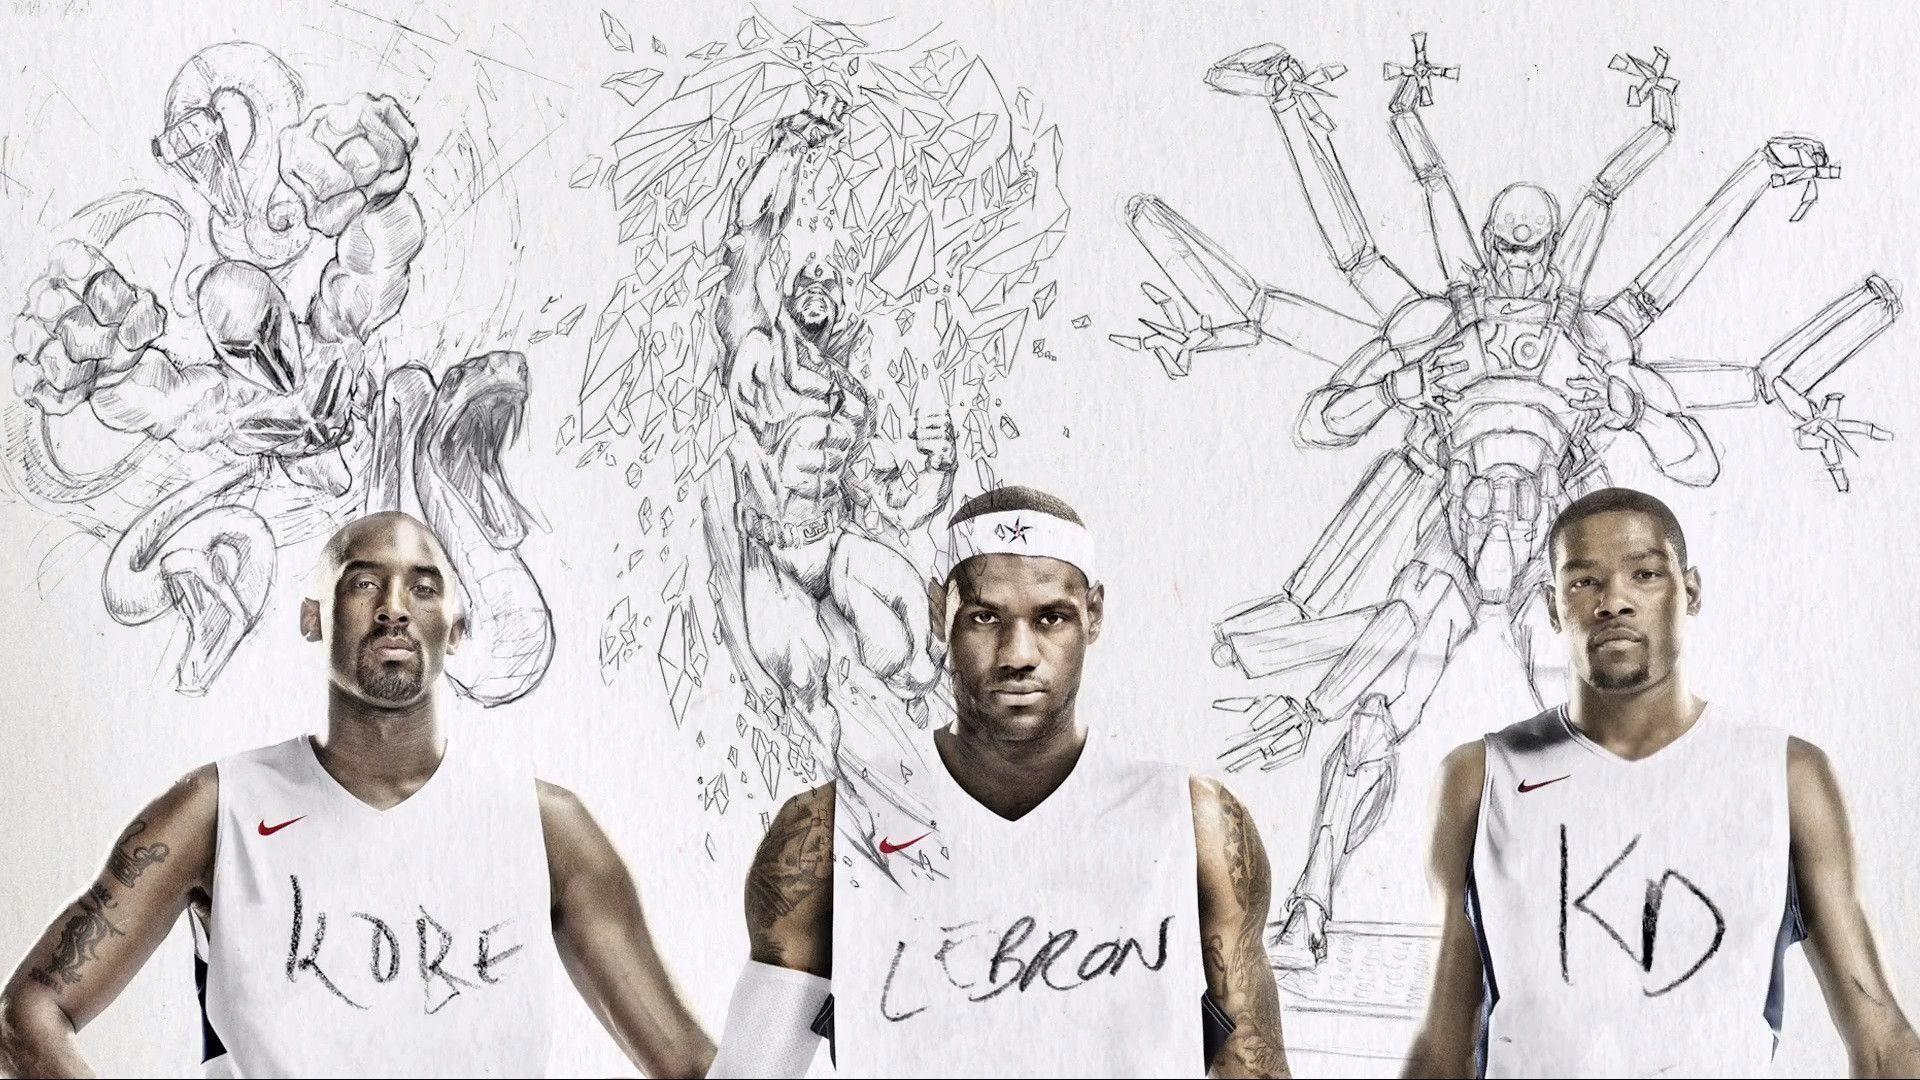 Michael Jordan Quotes Desktop Wallpaper Nike Basketball Wallpapers 60 Images